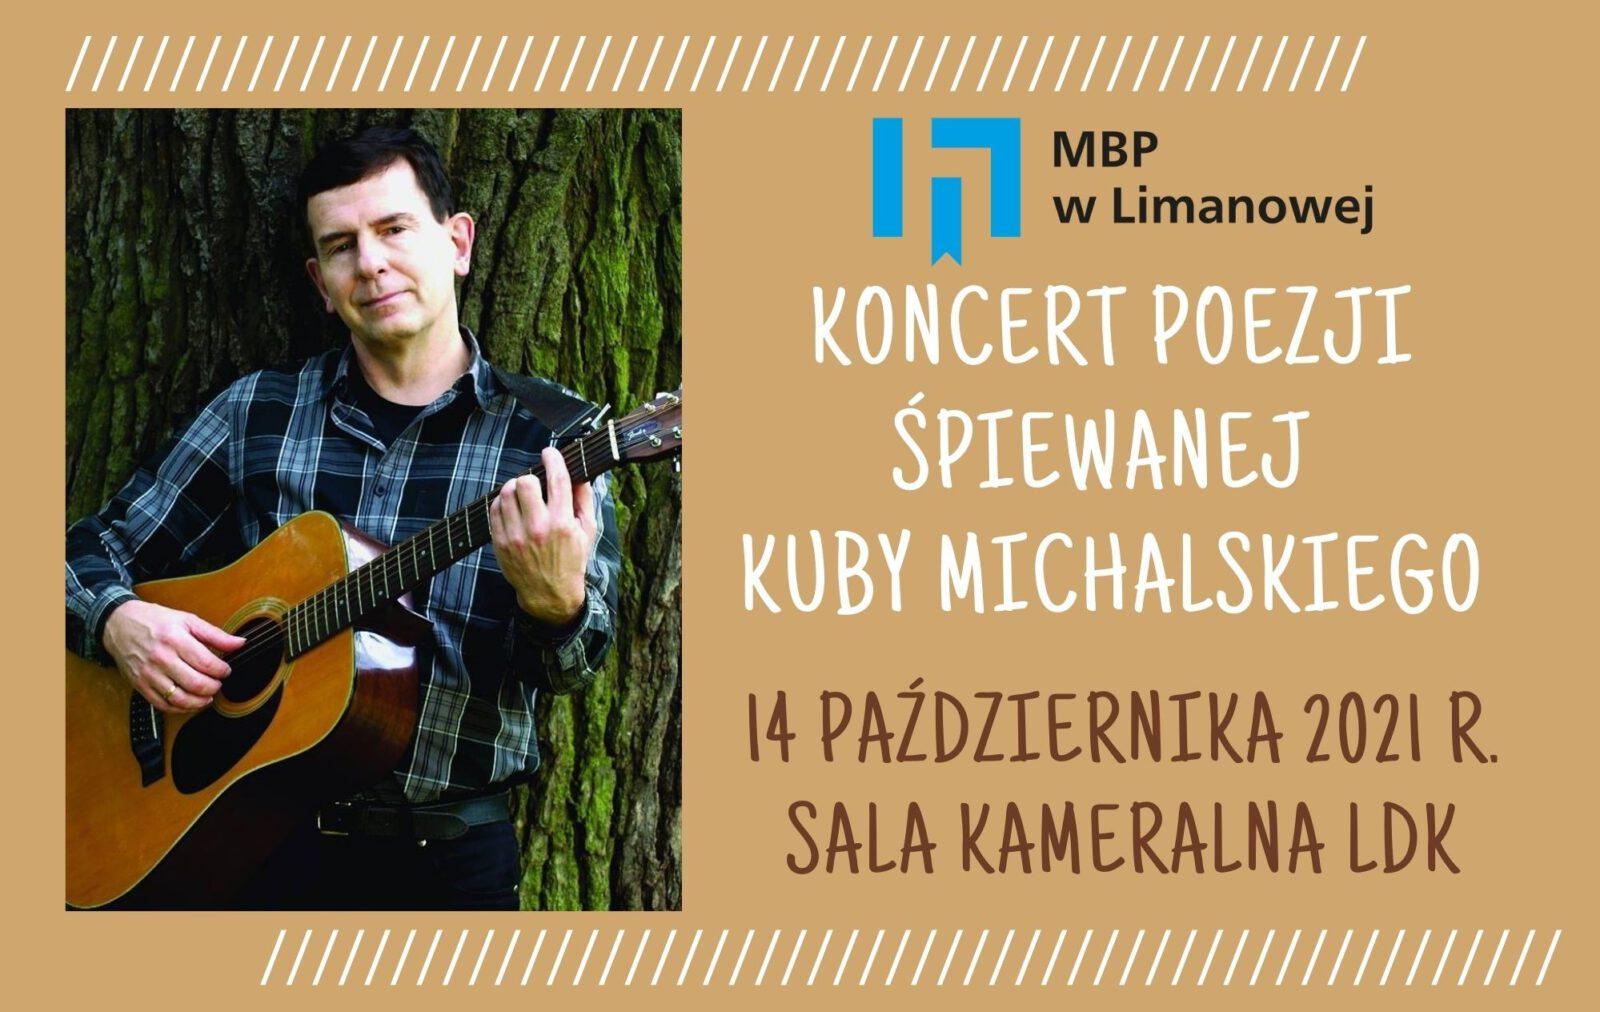 Plakat informujący o koncercie poezji śpiewanej Kuby Michalskiego